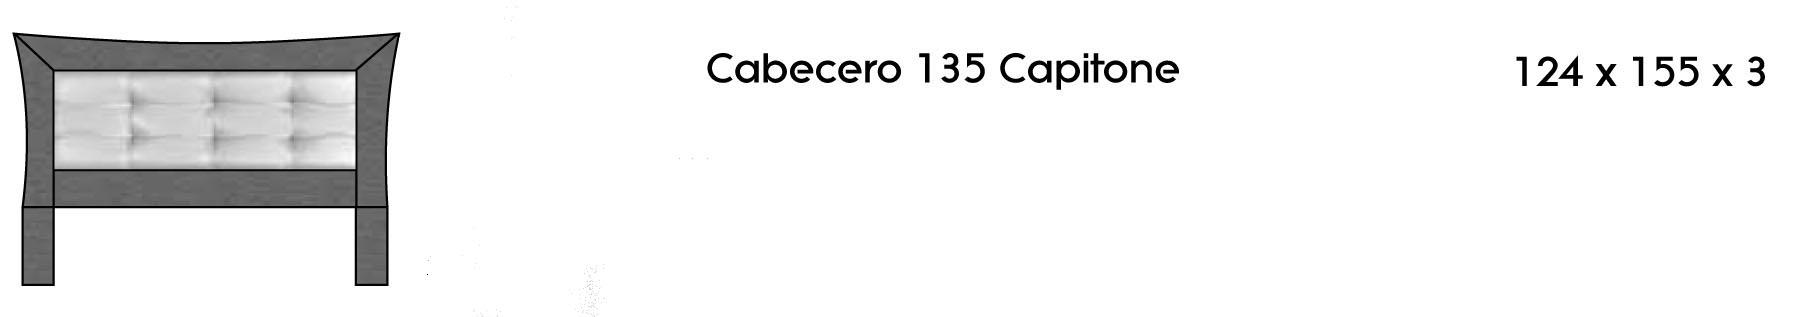 Cabecero 135 Capitoné